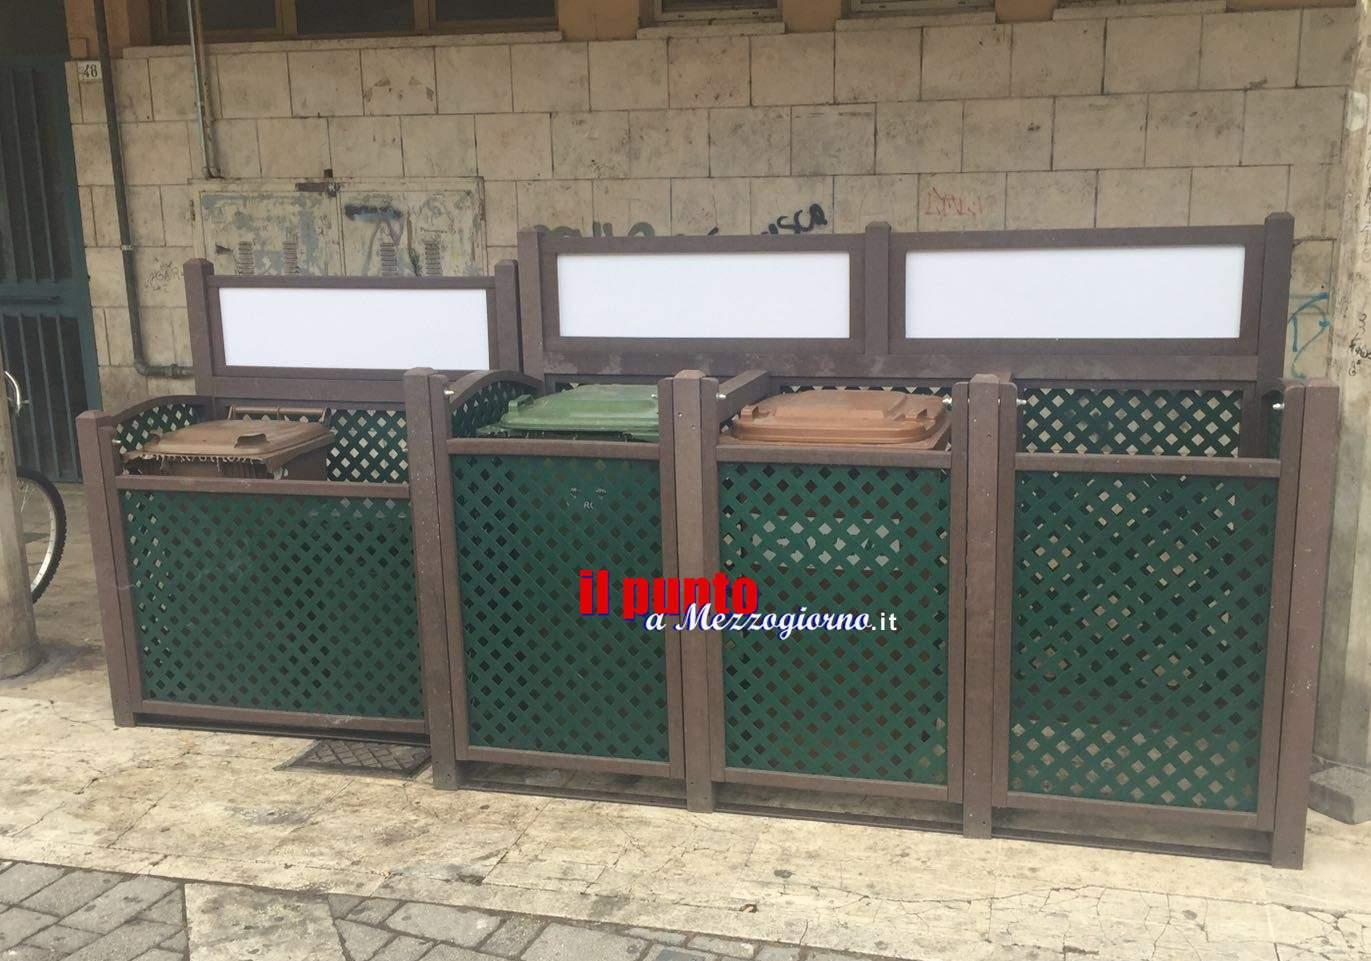 """Raccolta differenziata: Installati in piazza Labriola i primi """"contenitori modulari"""" per i carrellati"""